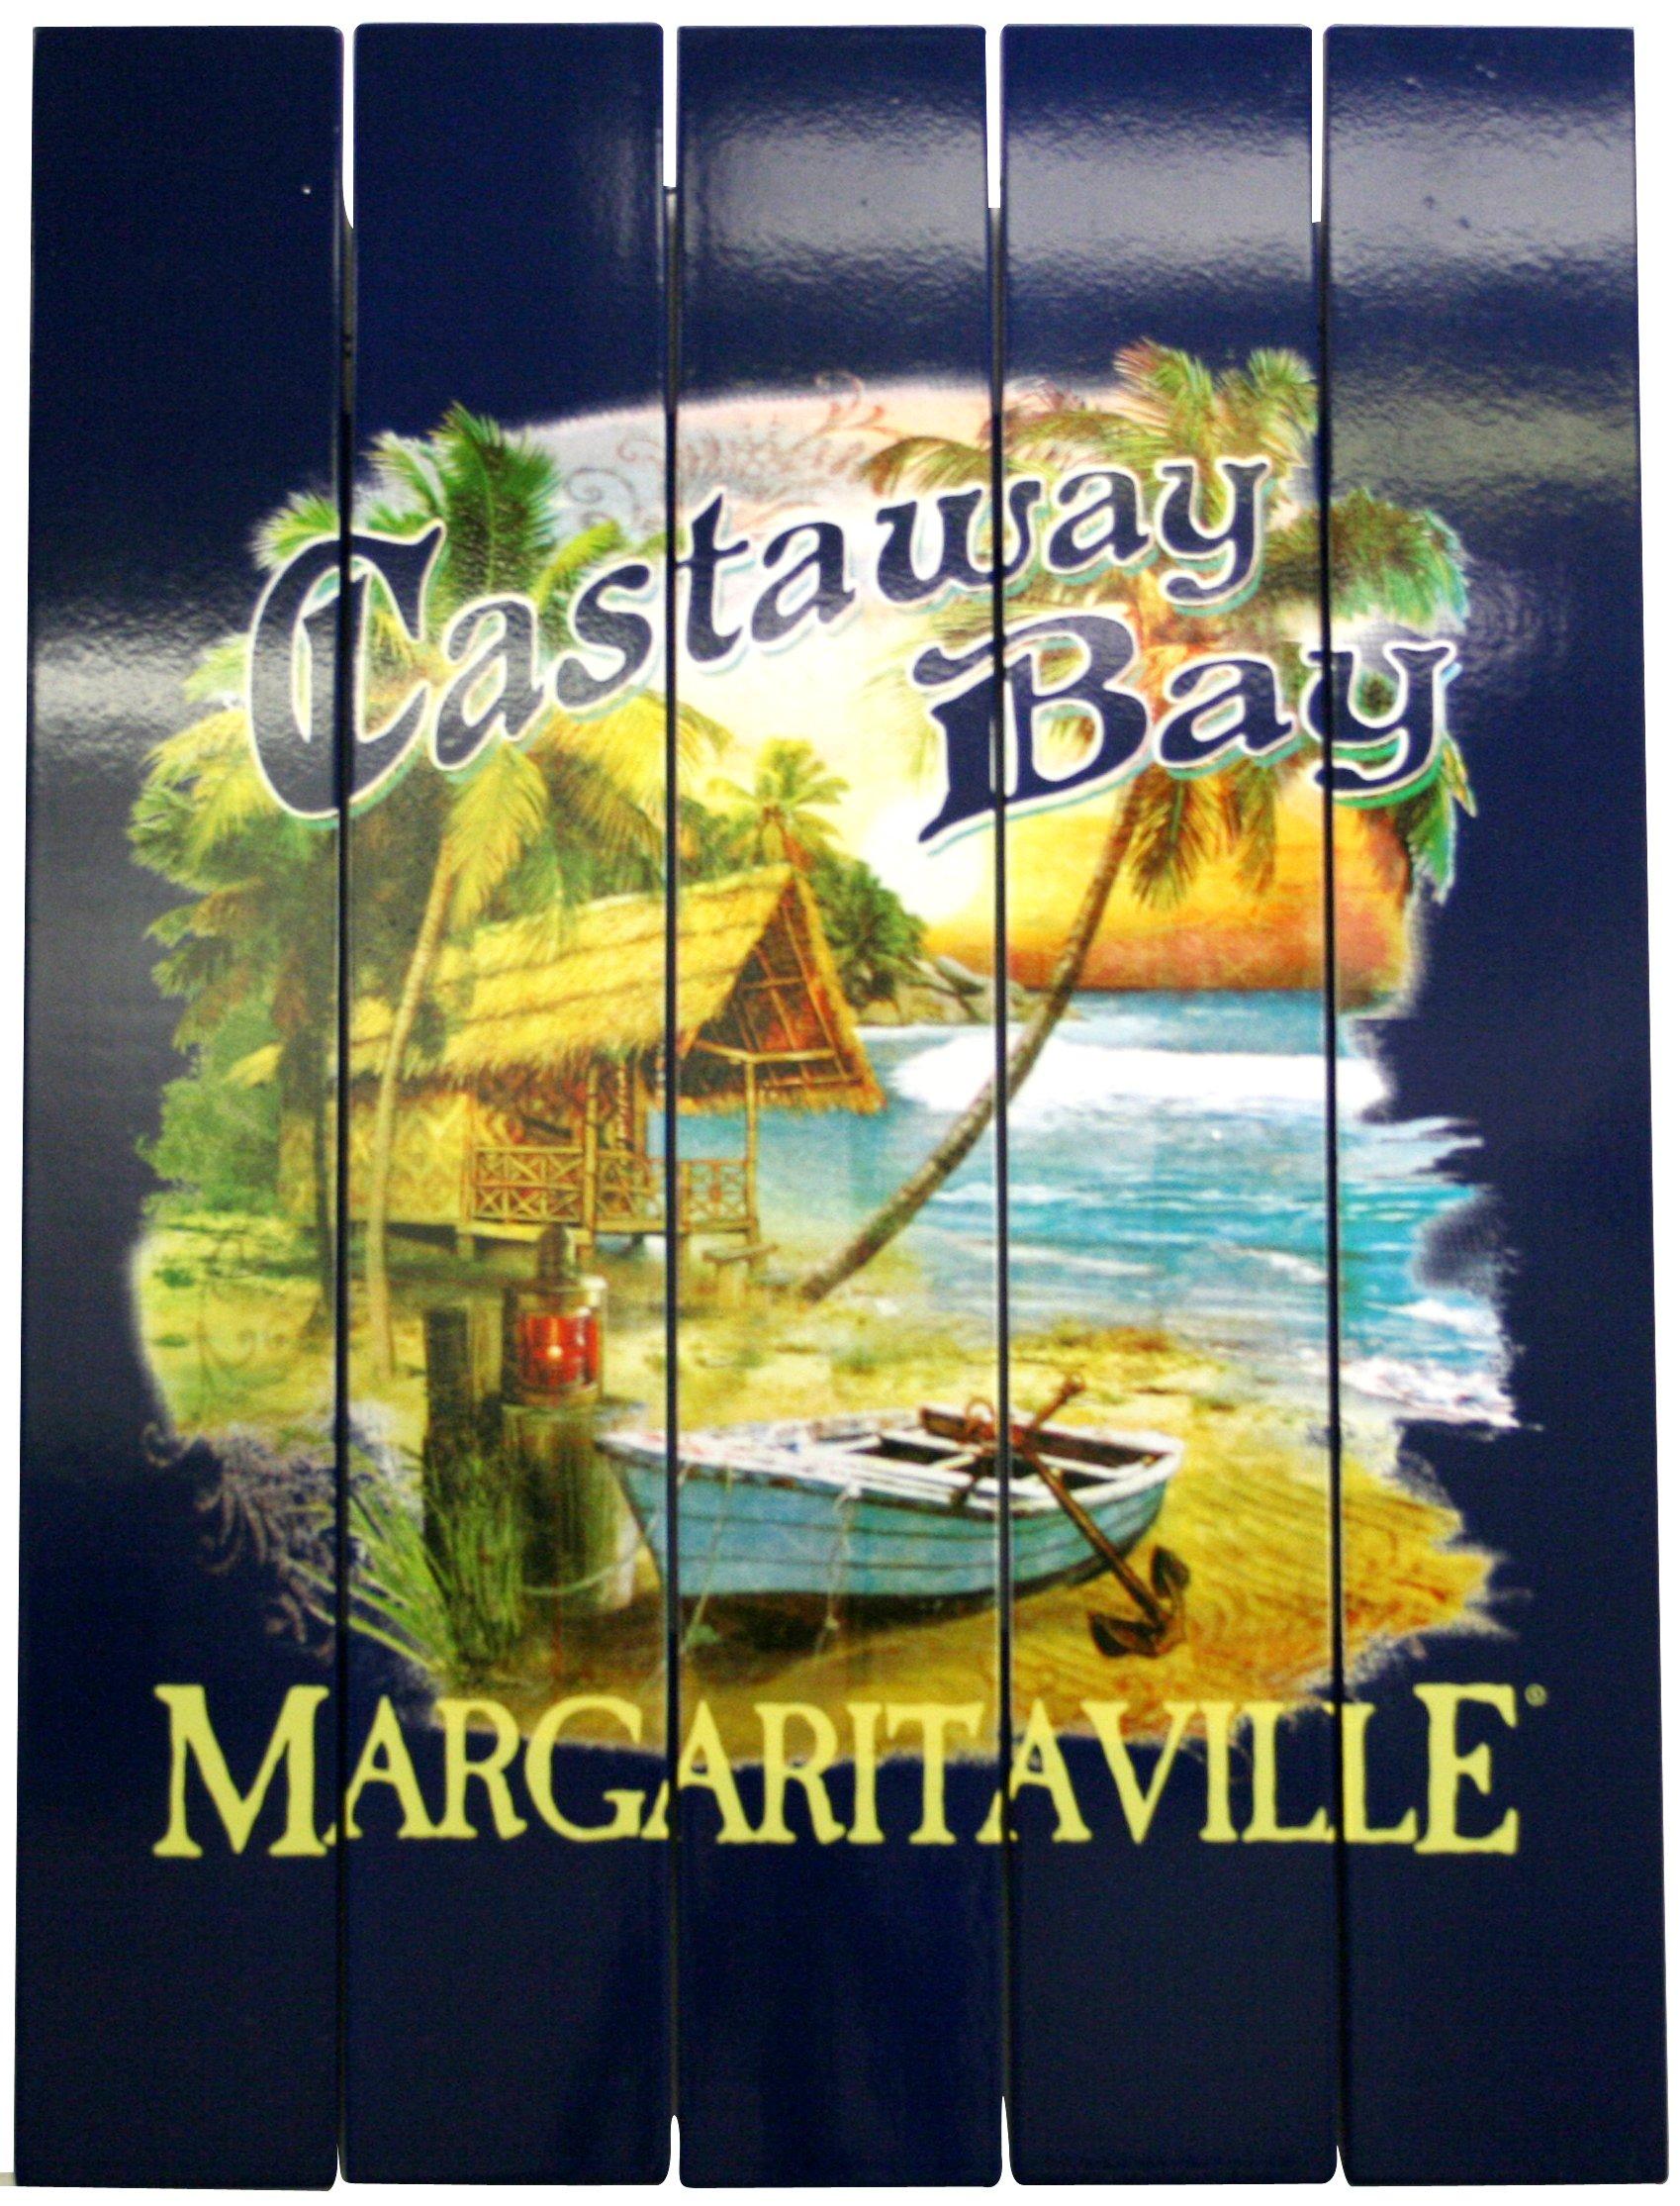 Margaritaville Outdoor Castaway Bay Wall Art